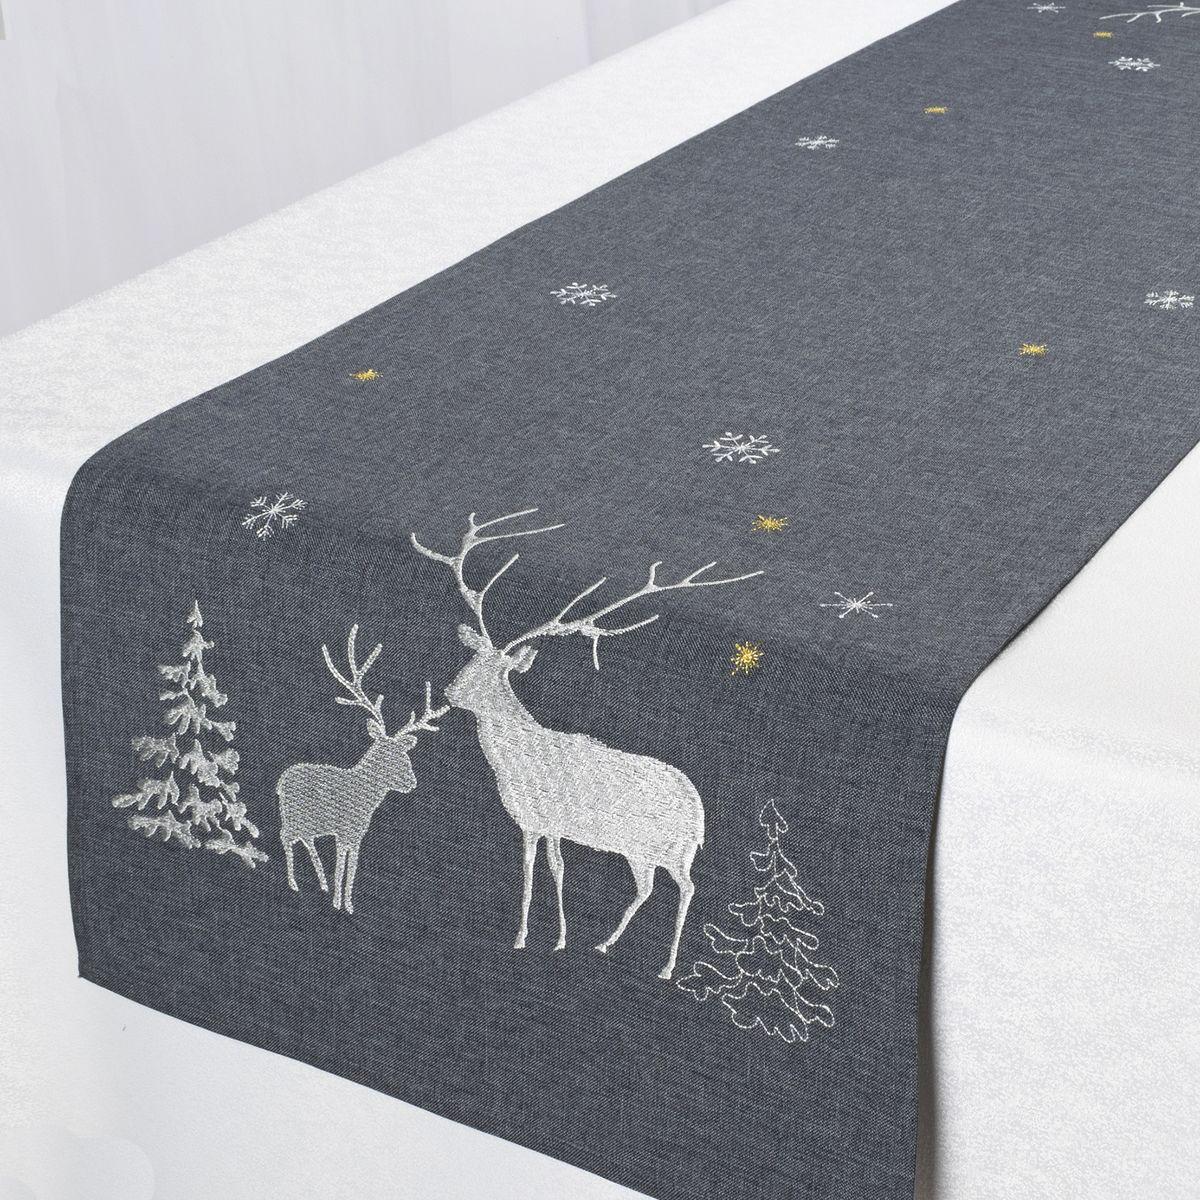 Дорожка для декорирования стола Schaefer, цвет: темно-серый, 40 х 140 см 07670-2111004900000360Дорожка Schaefer, выполненная из полиэстера, станет изысканным украшением интерьера в преддверии Нового года. Изделие декорировано красивой вышивкой в виде оленей. Такую дорожку можно использовать для украшения комодов, тумб и столов. За текстилем из полиэстера очень легко ухаживать: он легко стирается, не мнется, не садится и быстро сохнет, более долговечен, чем текстиль из натуральных волокон.Такая дорожка изящно дополнит интерьер вашего дома.